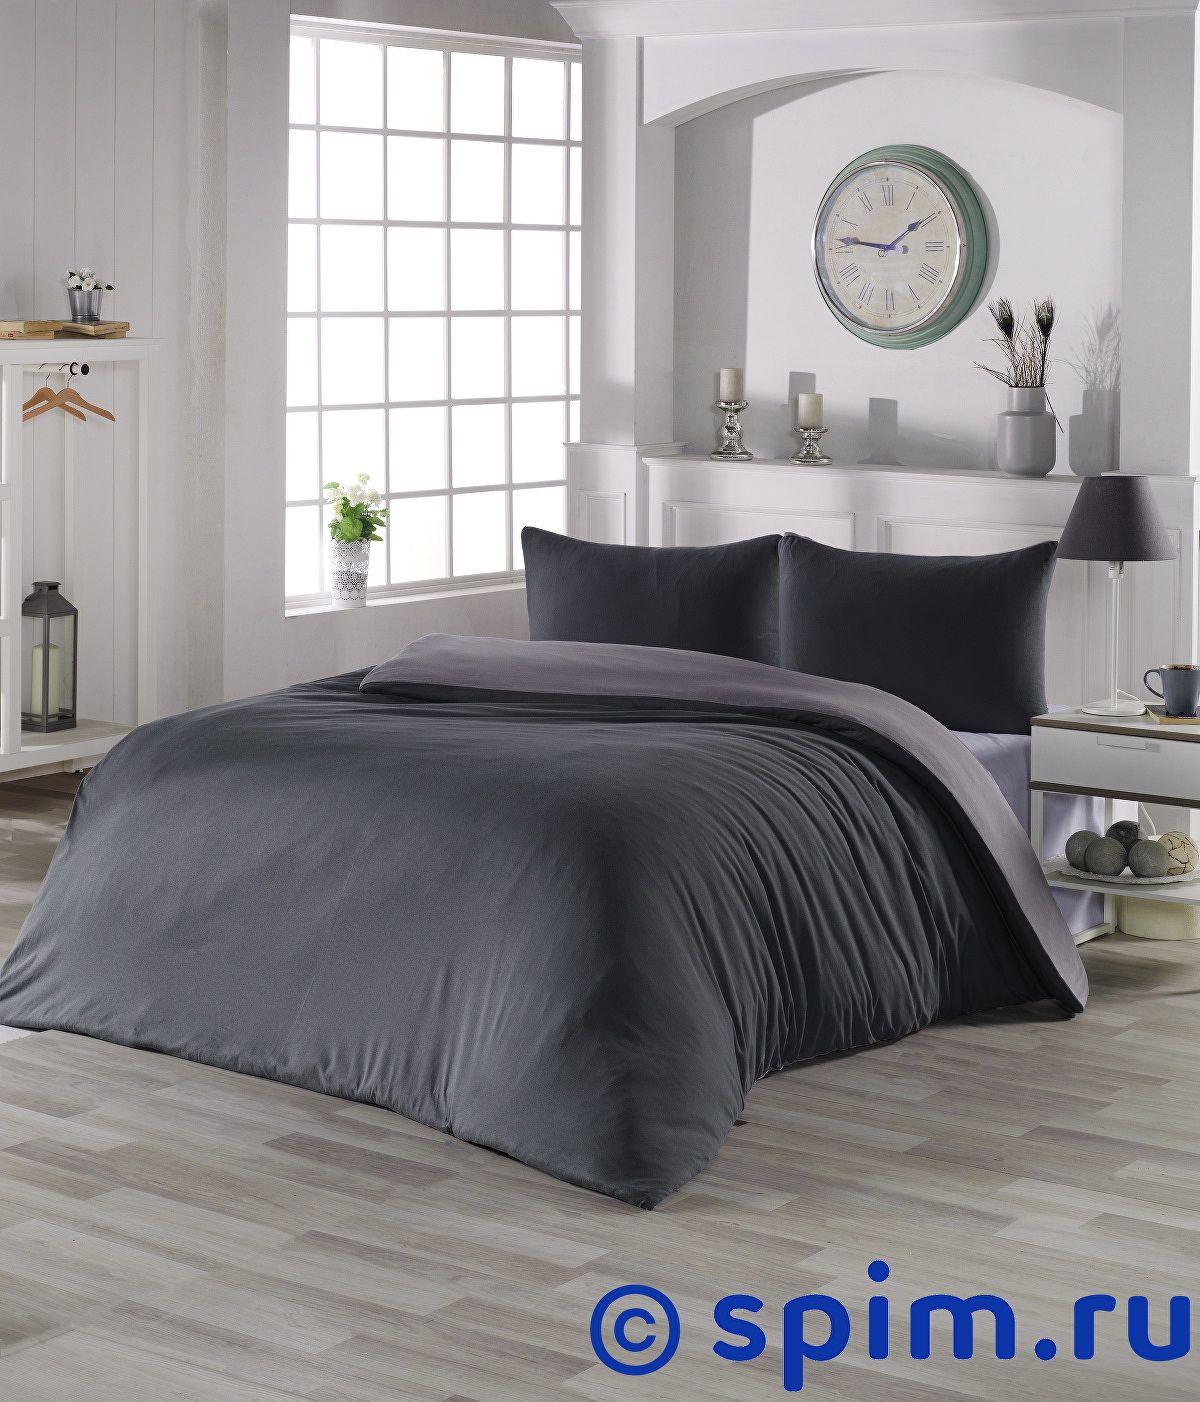 Купить Постельное белье Karna Sofa антрацит-серый Евро-стандарт